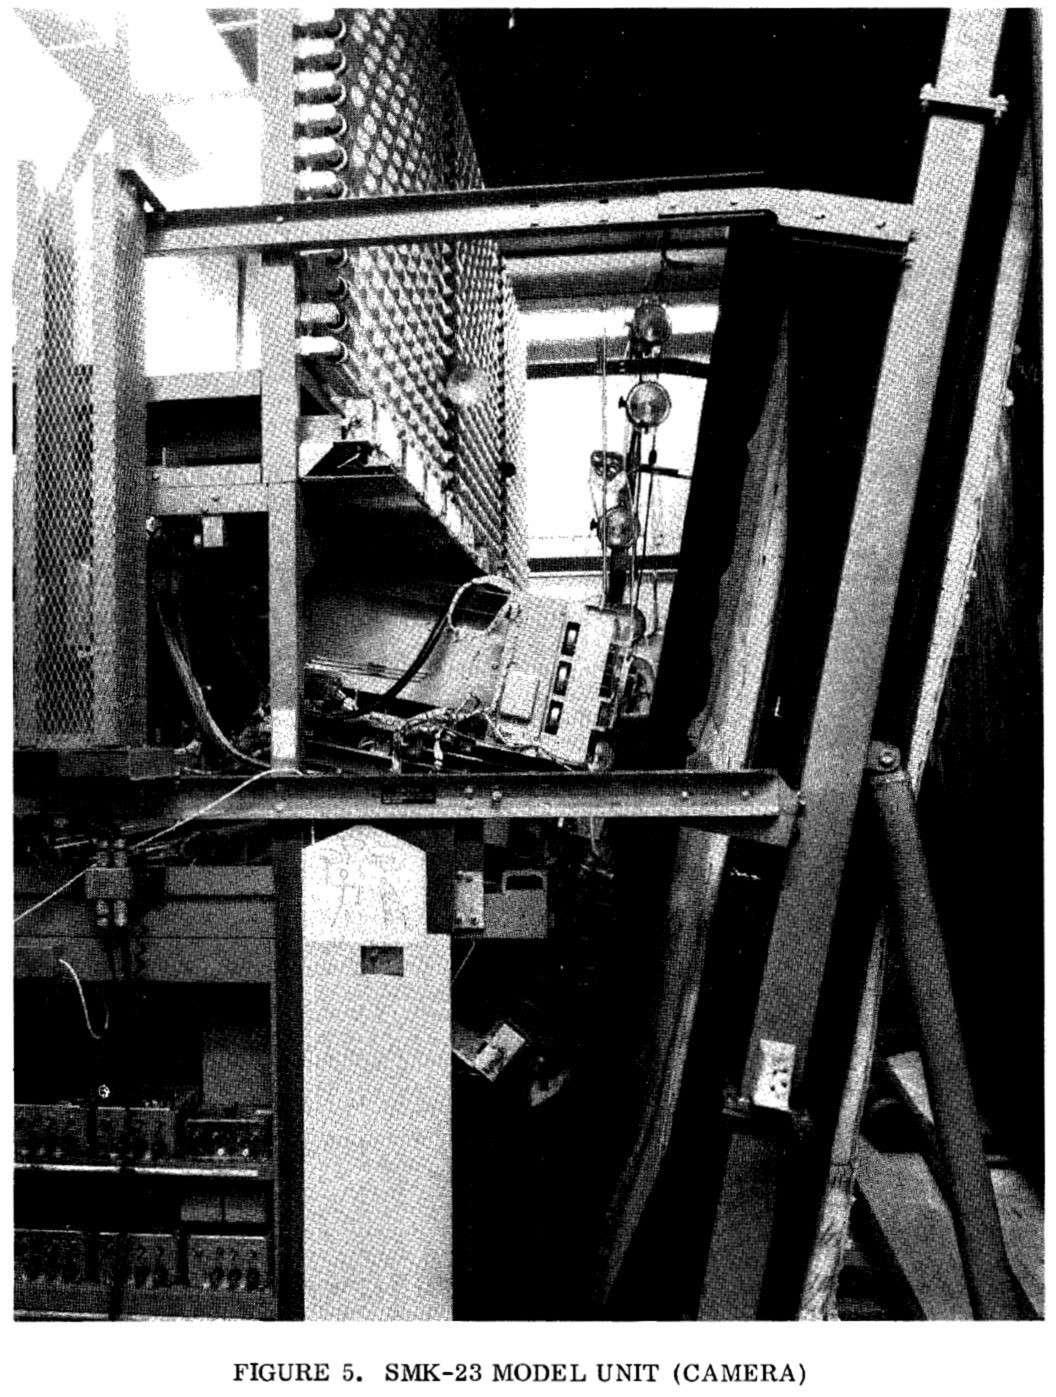 Apollo Lunar Mission Simulators  Smk-2311